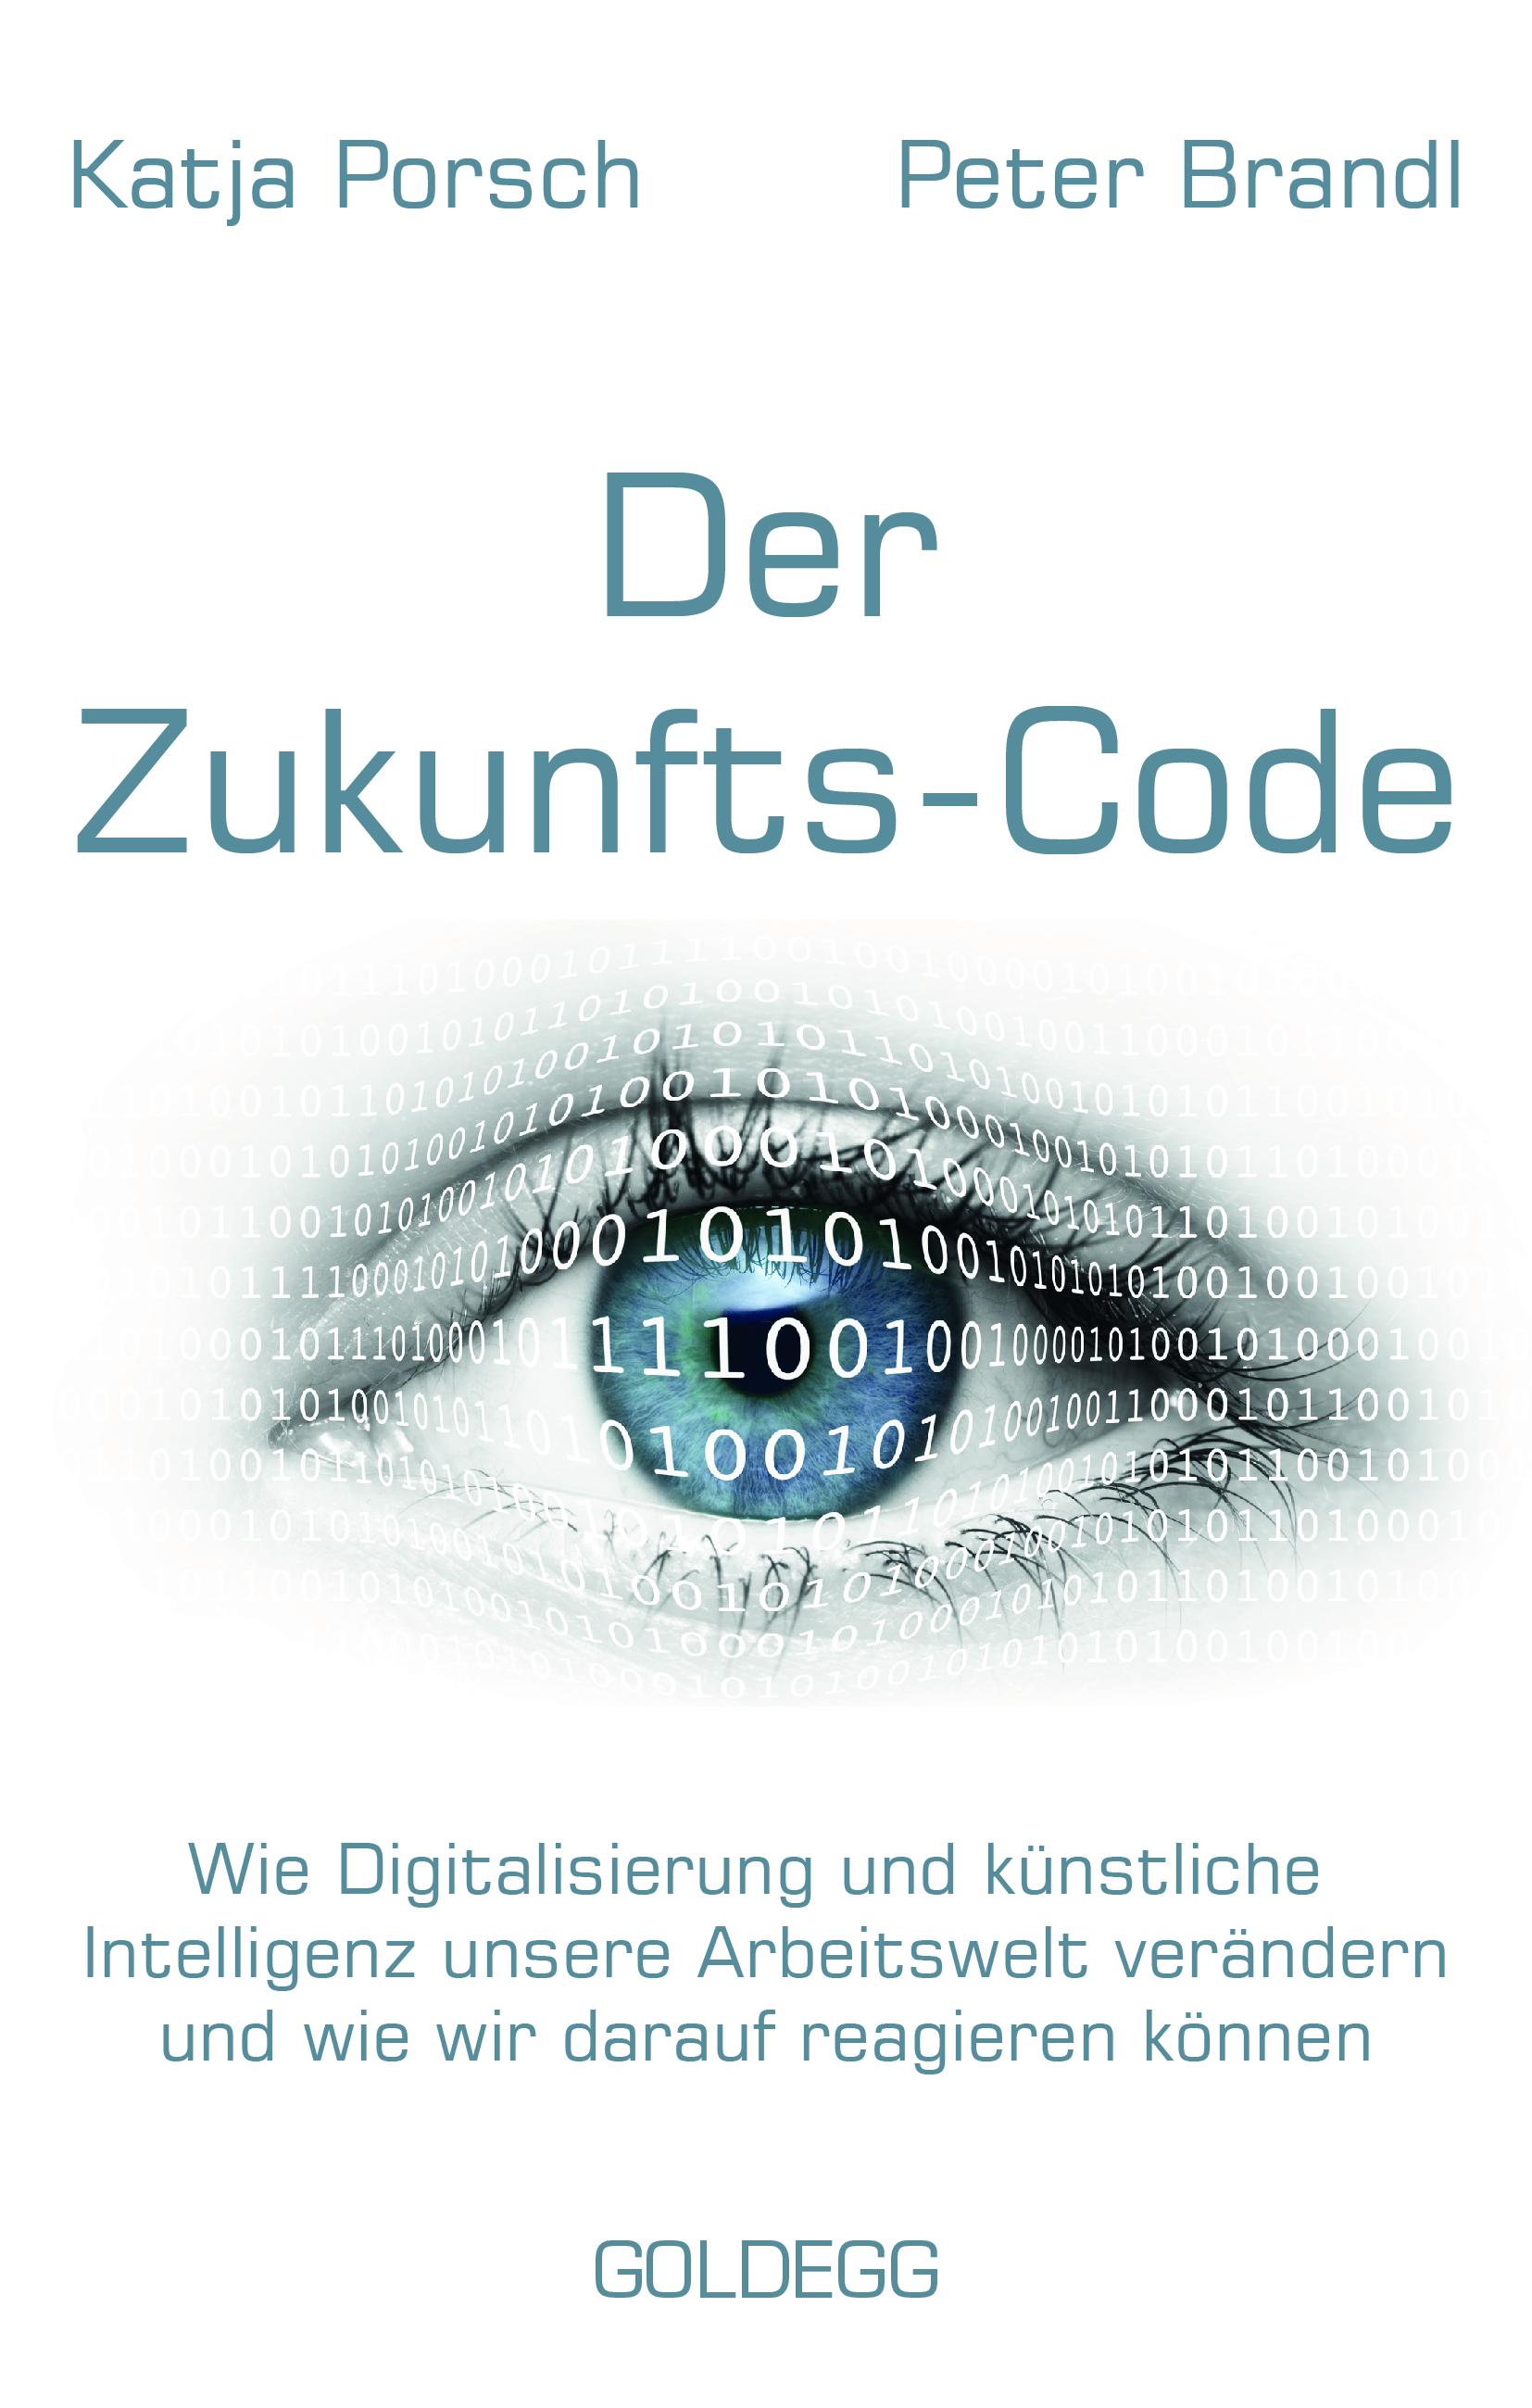 Expert Marketplace -  Peter Brandl  - Zukunfts-Code: Wie Digitalisierung und künstliche Intelligenz unsere Arbeitswelt verändern und wie wir darauf reagieren können